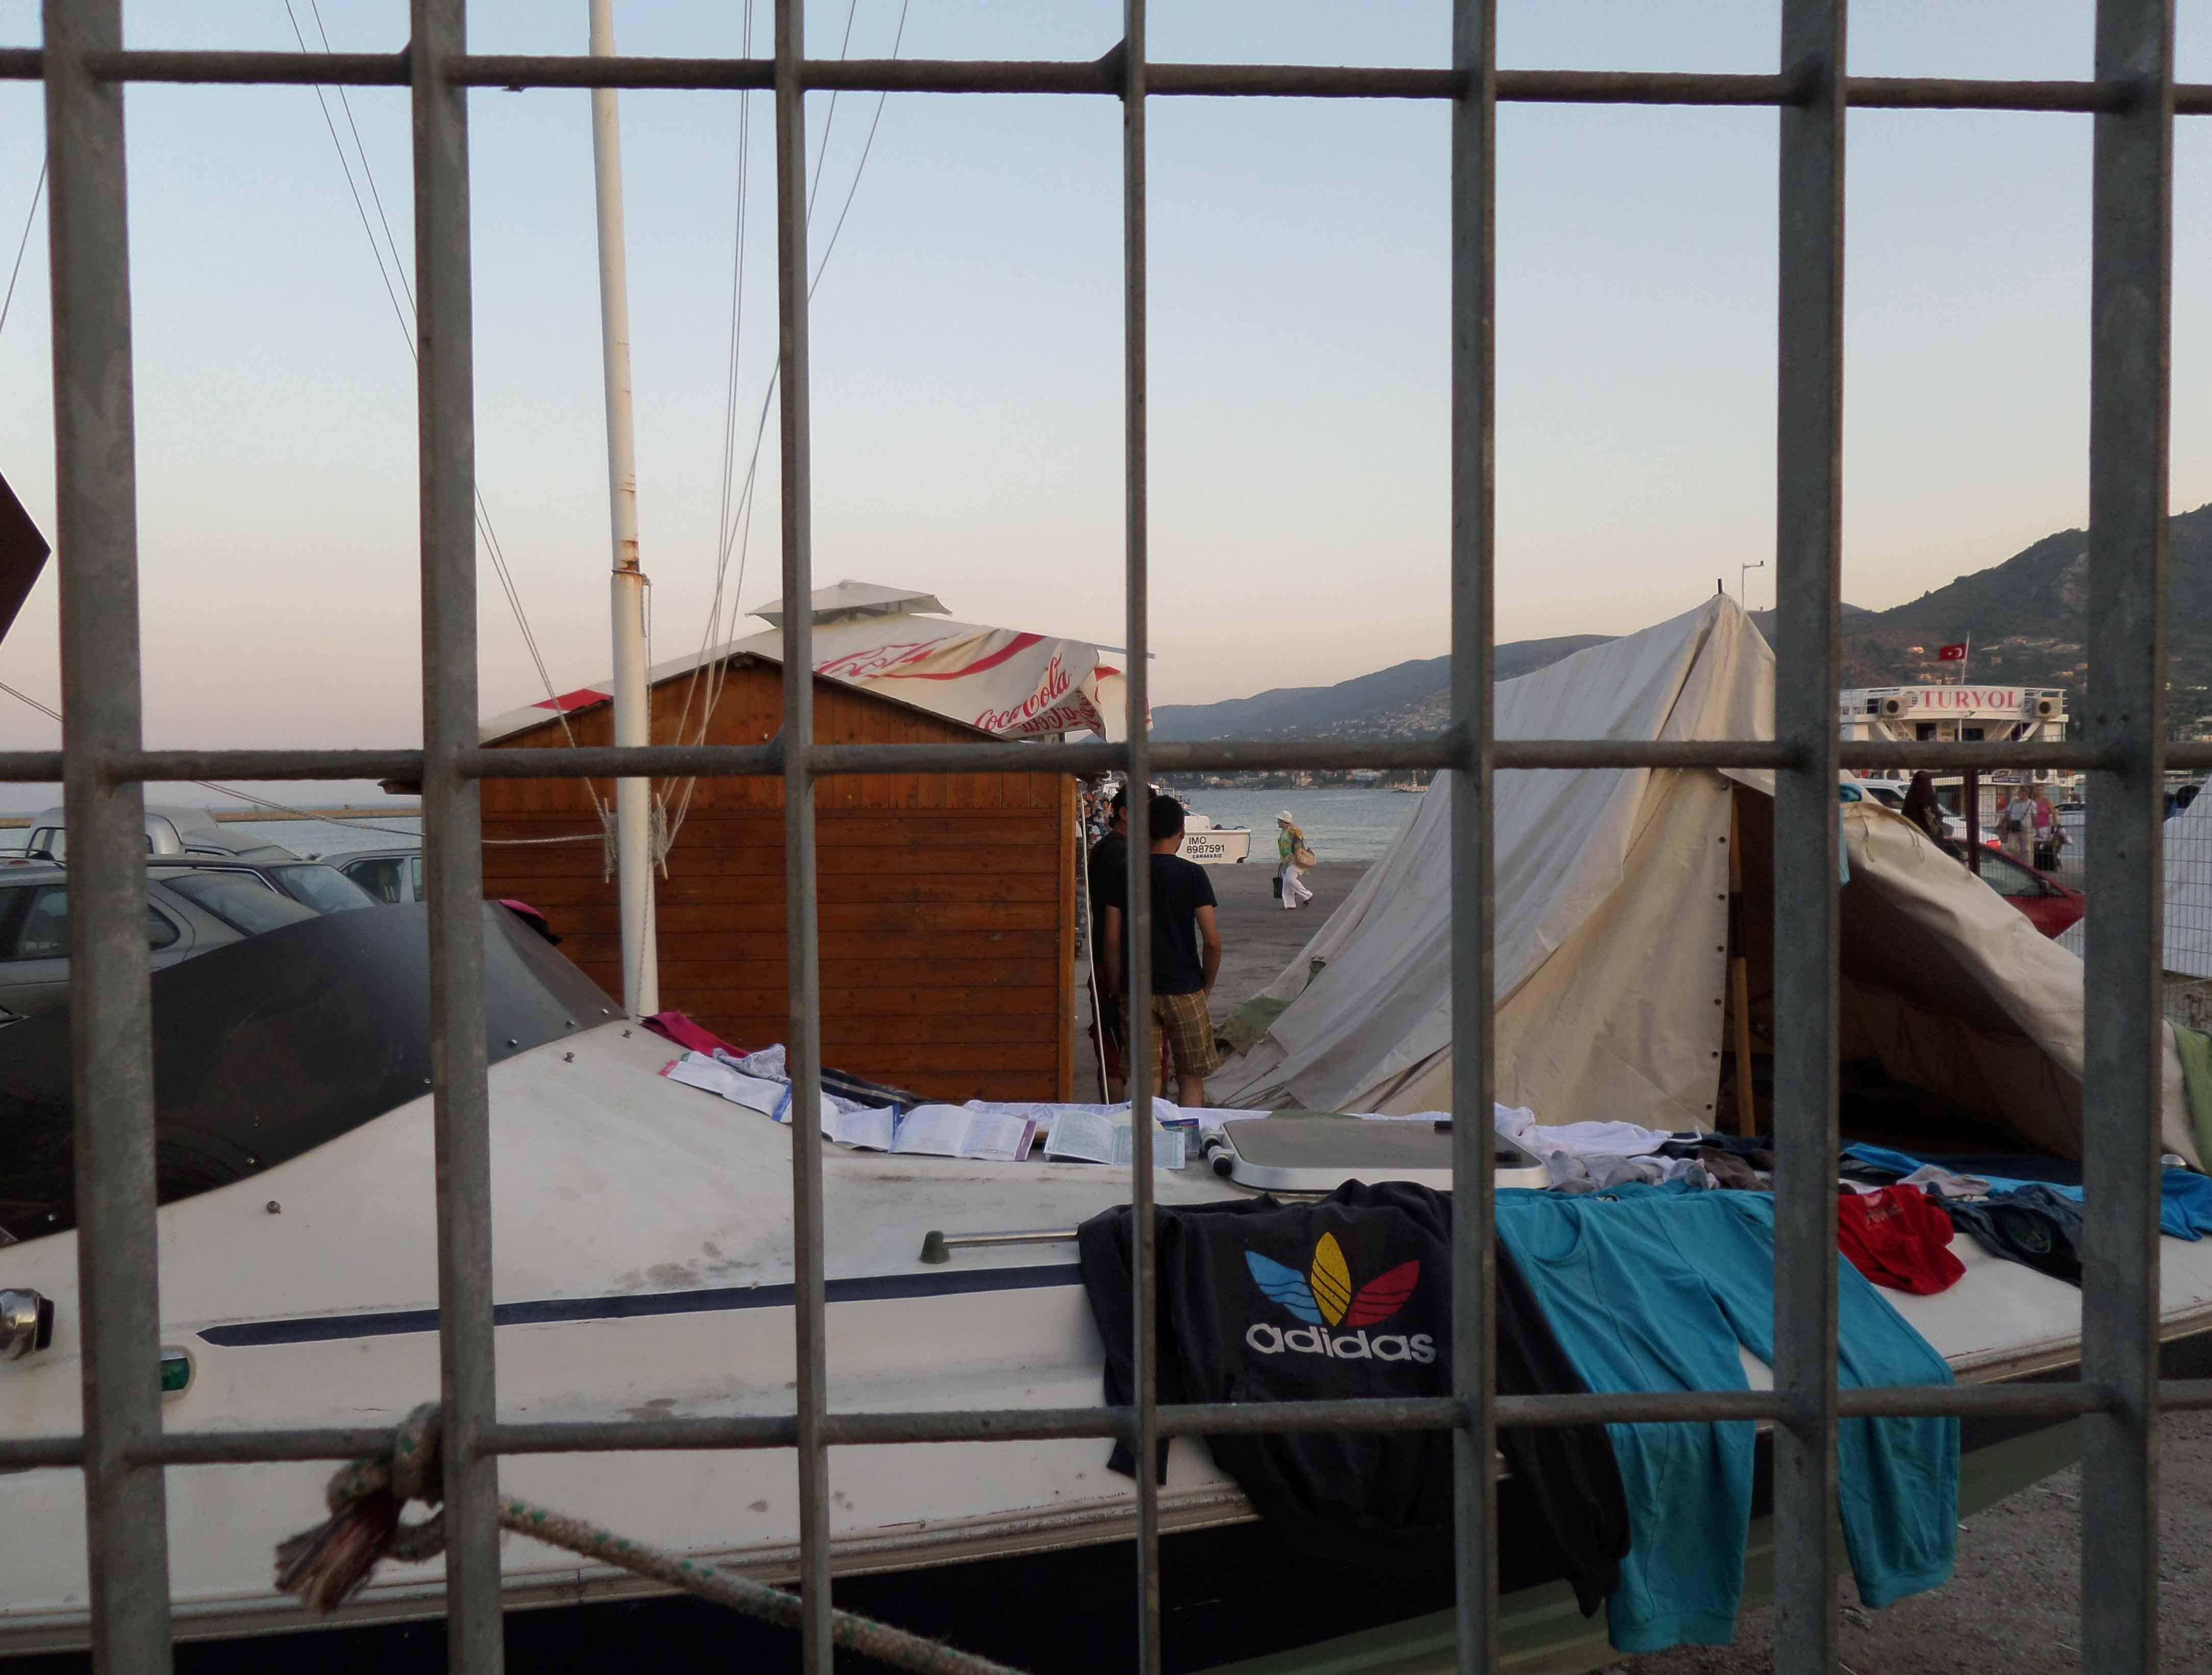 10. Des migrants sont enfermés dans la zone internationale du port de Mytilène à Lesbos où débarquent des touristes arrivant de Turquie, en août 2013 (Louise Tassin)